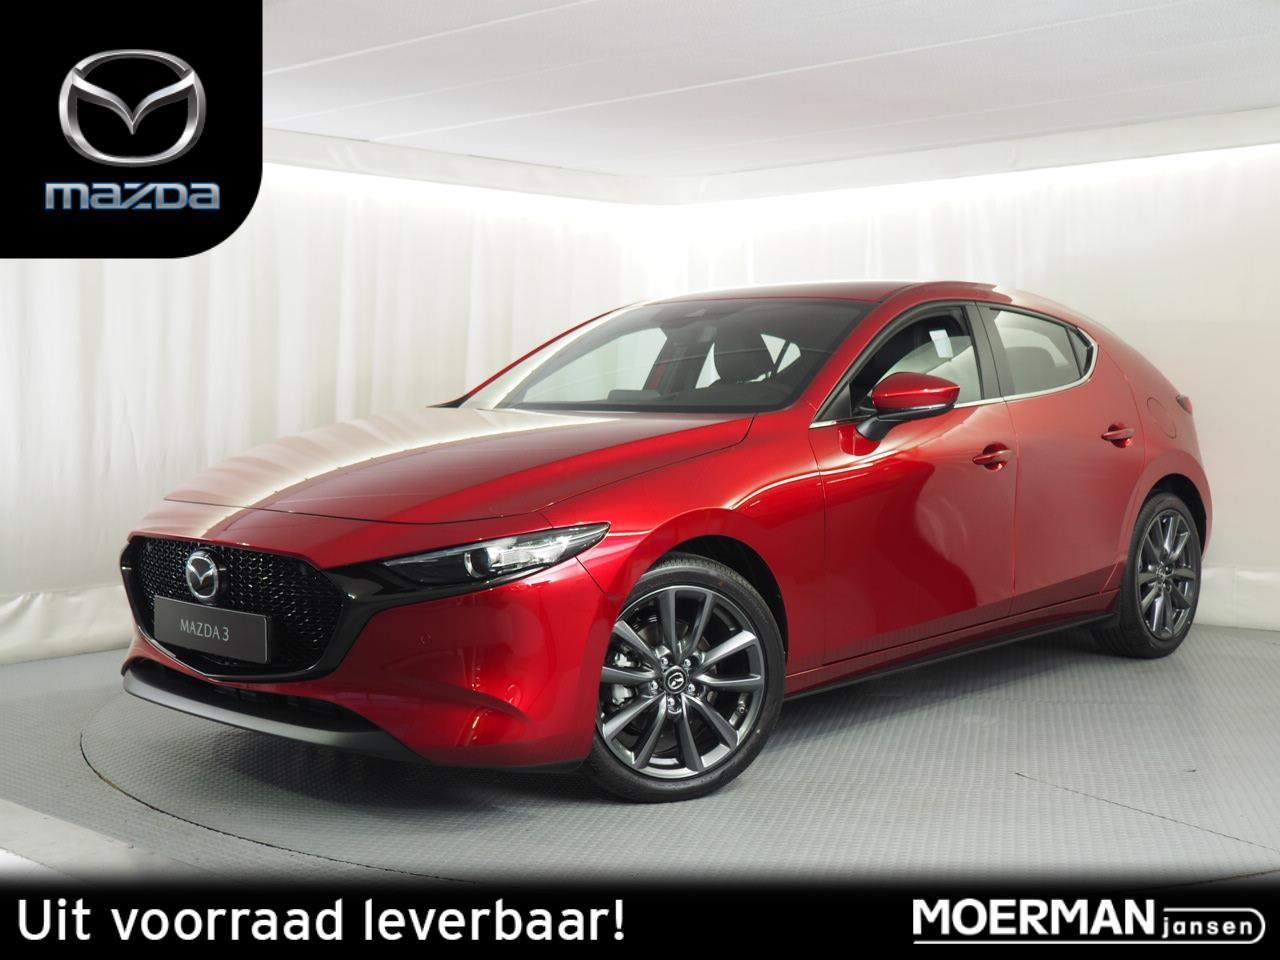 Mazda 3 2.0 skyactiv-x comfort / bose / leer / 18 inch velgen / uit voorraad leverbaar